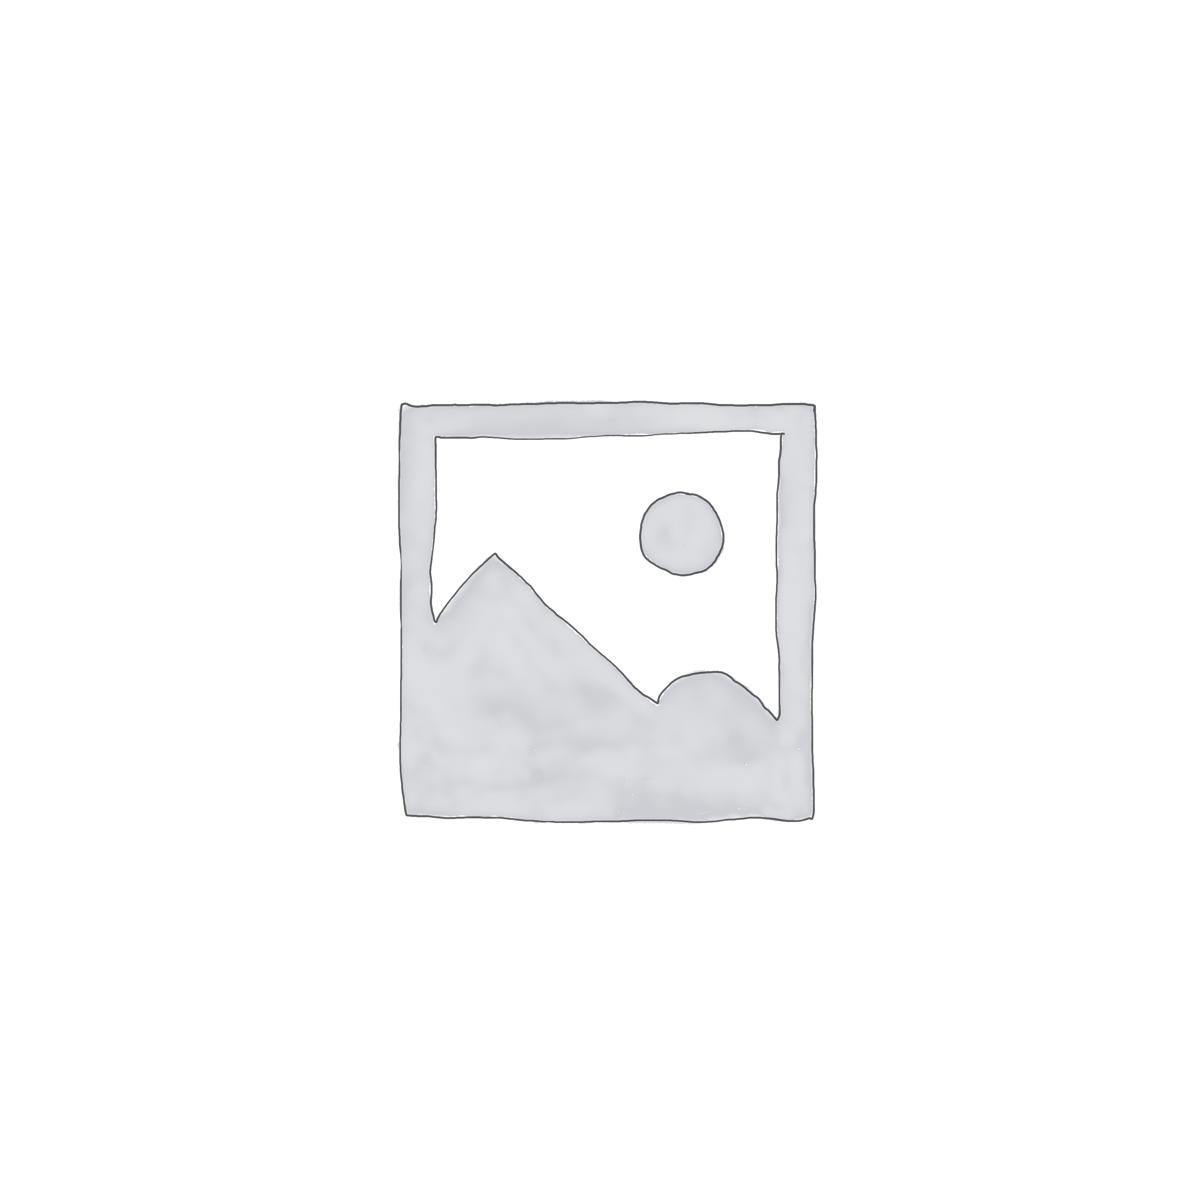 European Vintage City with Brooklyn Bridge Wallpaper Mural